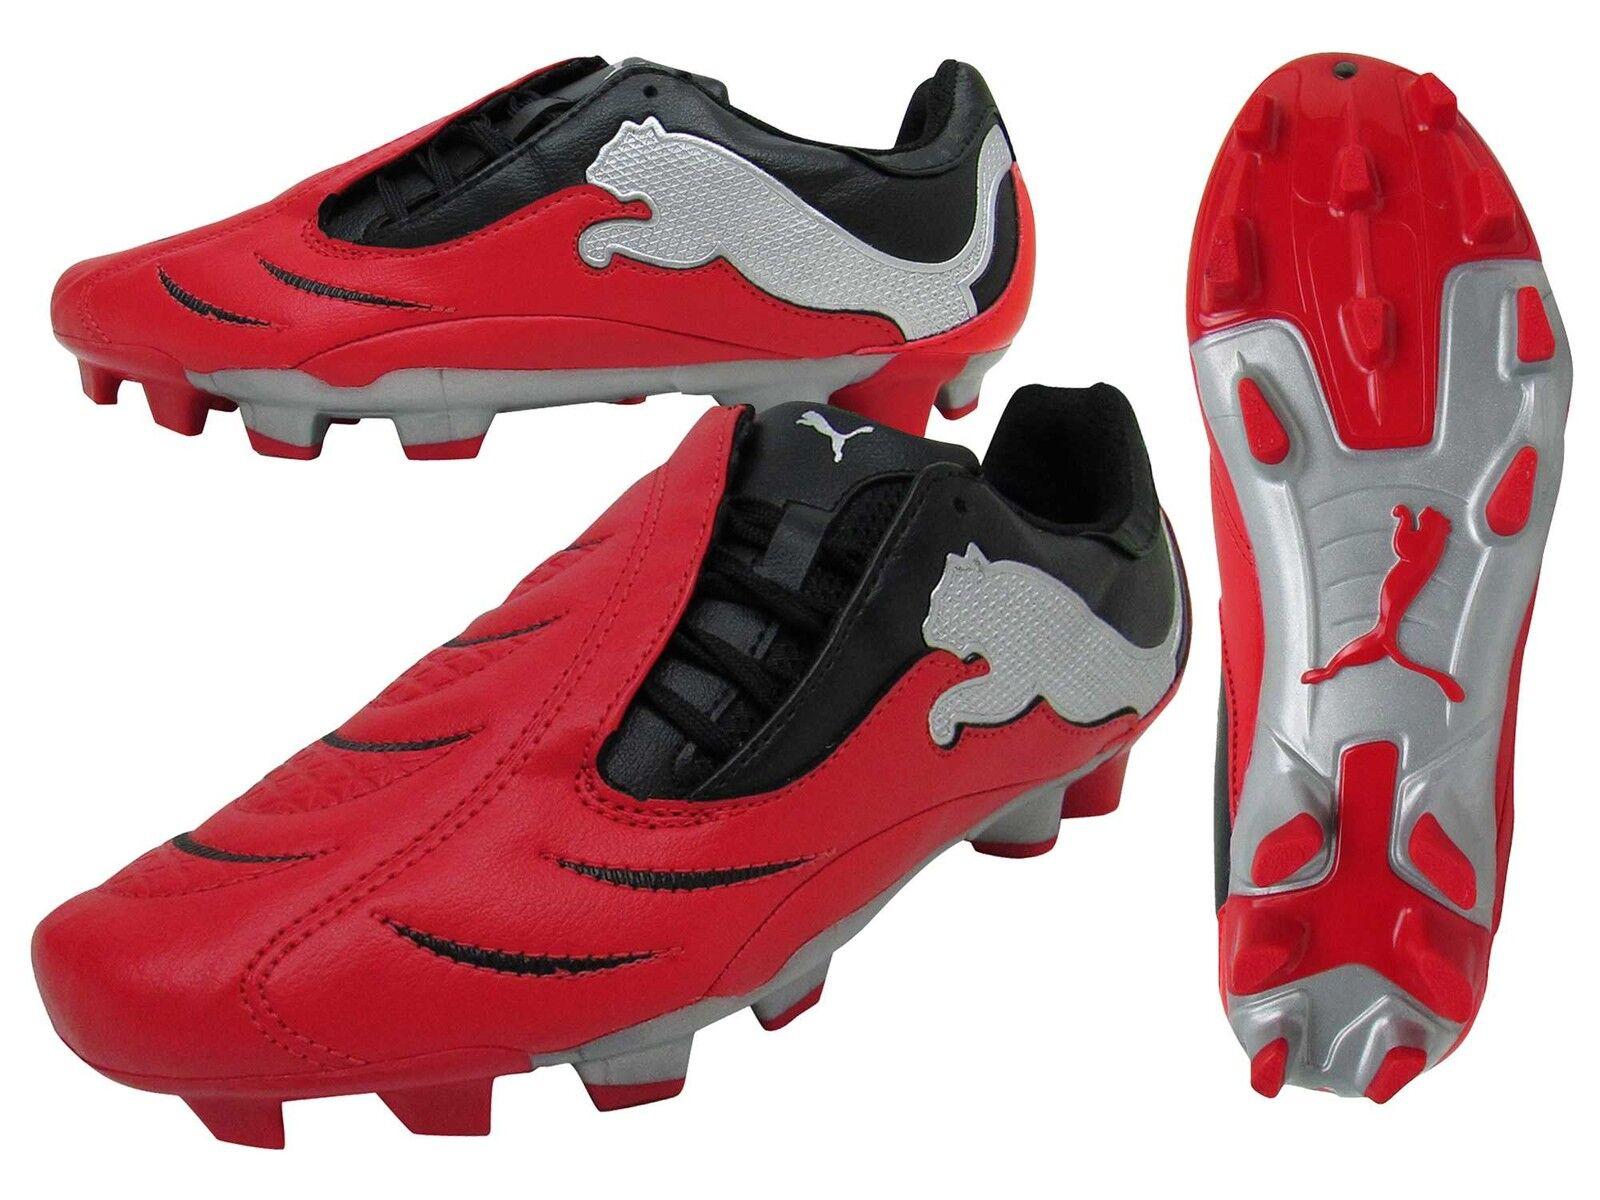 online retailer bca71 b4414 Mens Puma Powercat 3.10 FG Red Football Boots Soccer Firm Ground Boot  101906 New